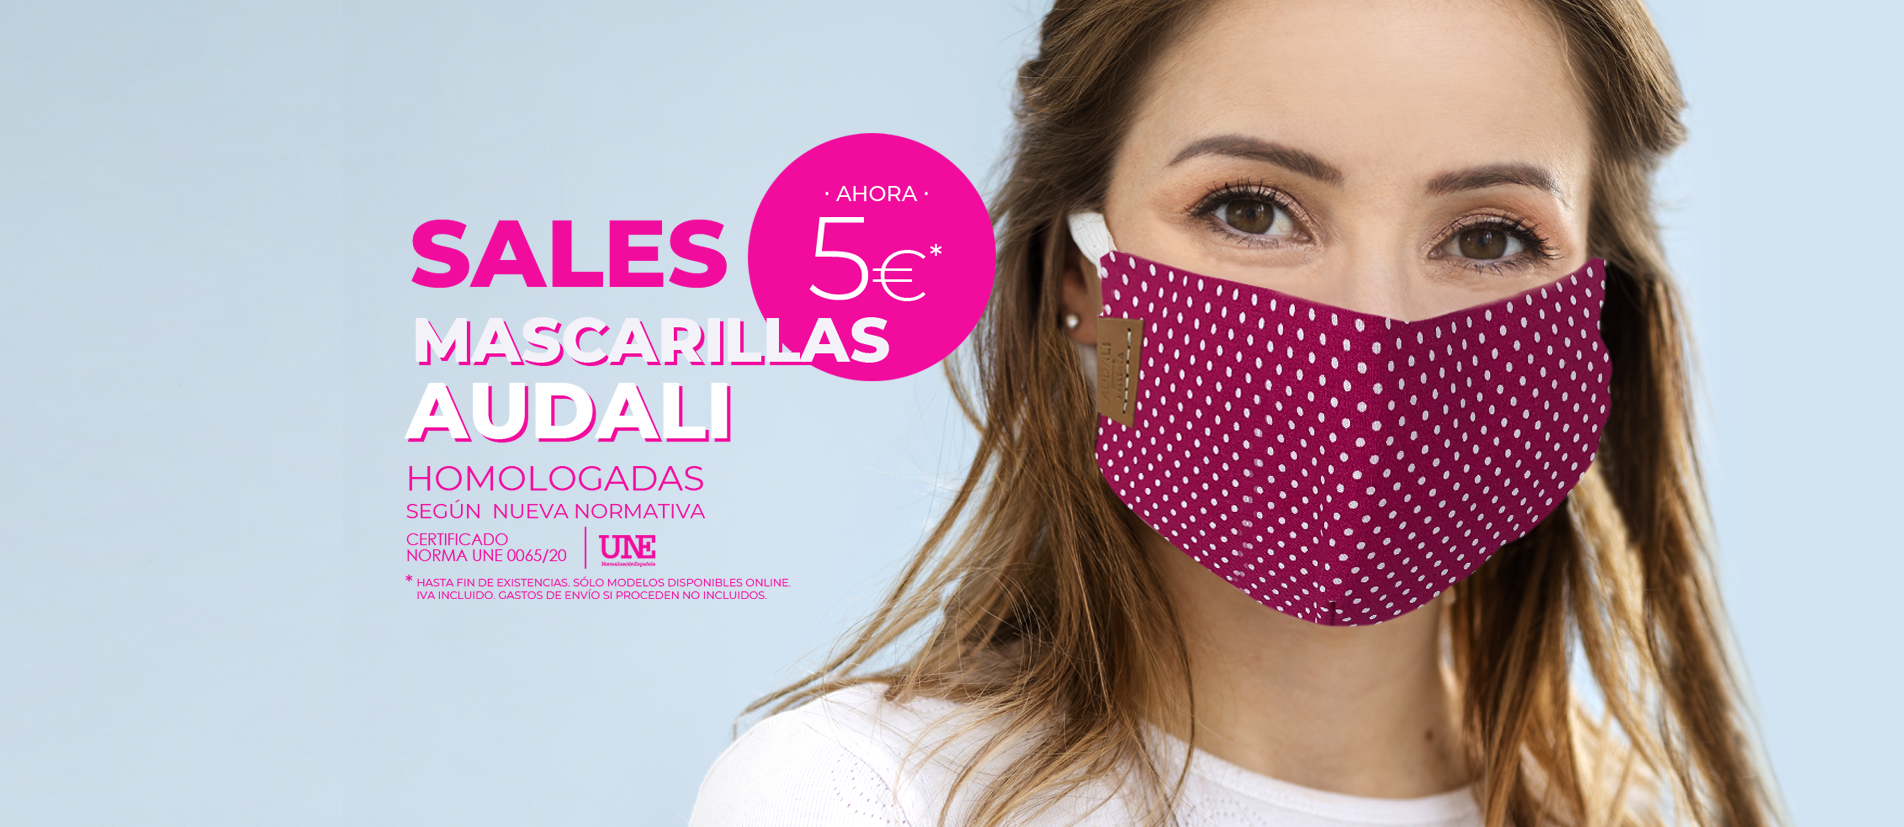 SALES. Ahora nuestras mascarillas Audali a 5€